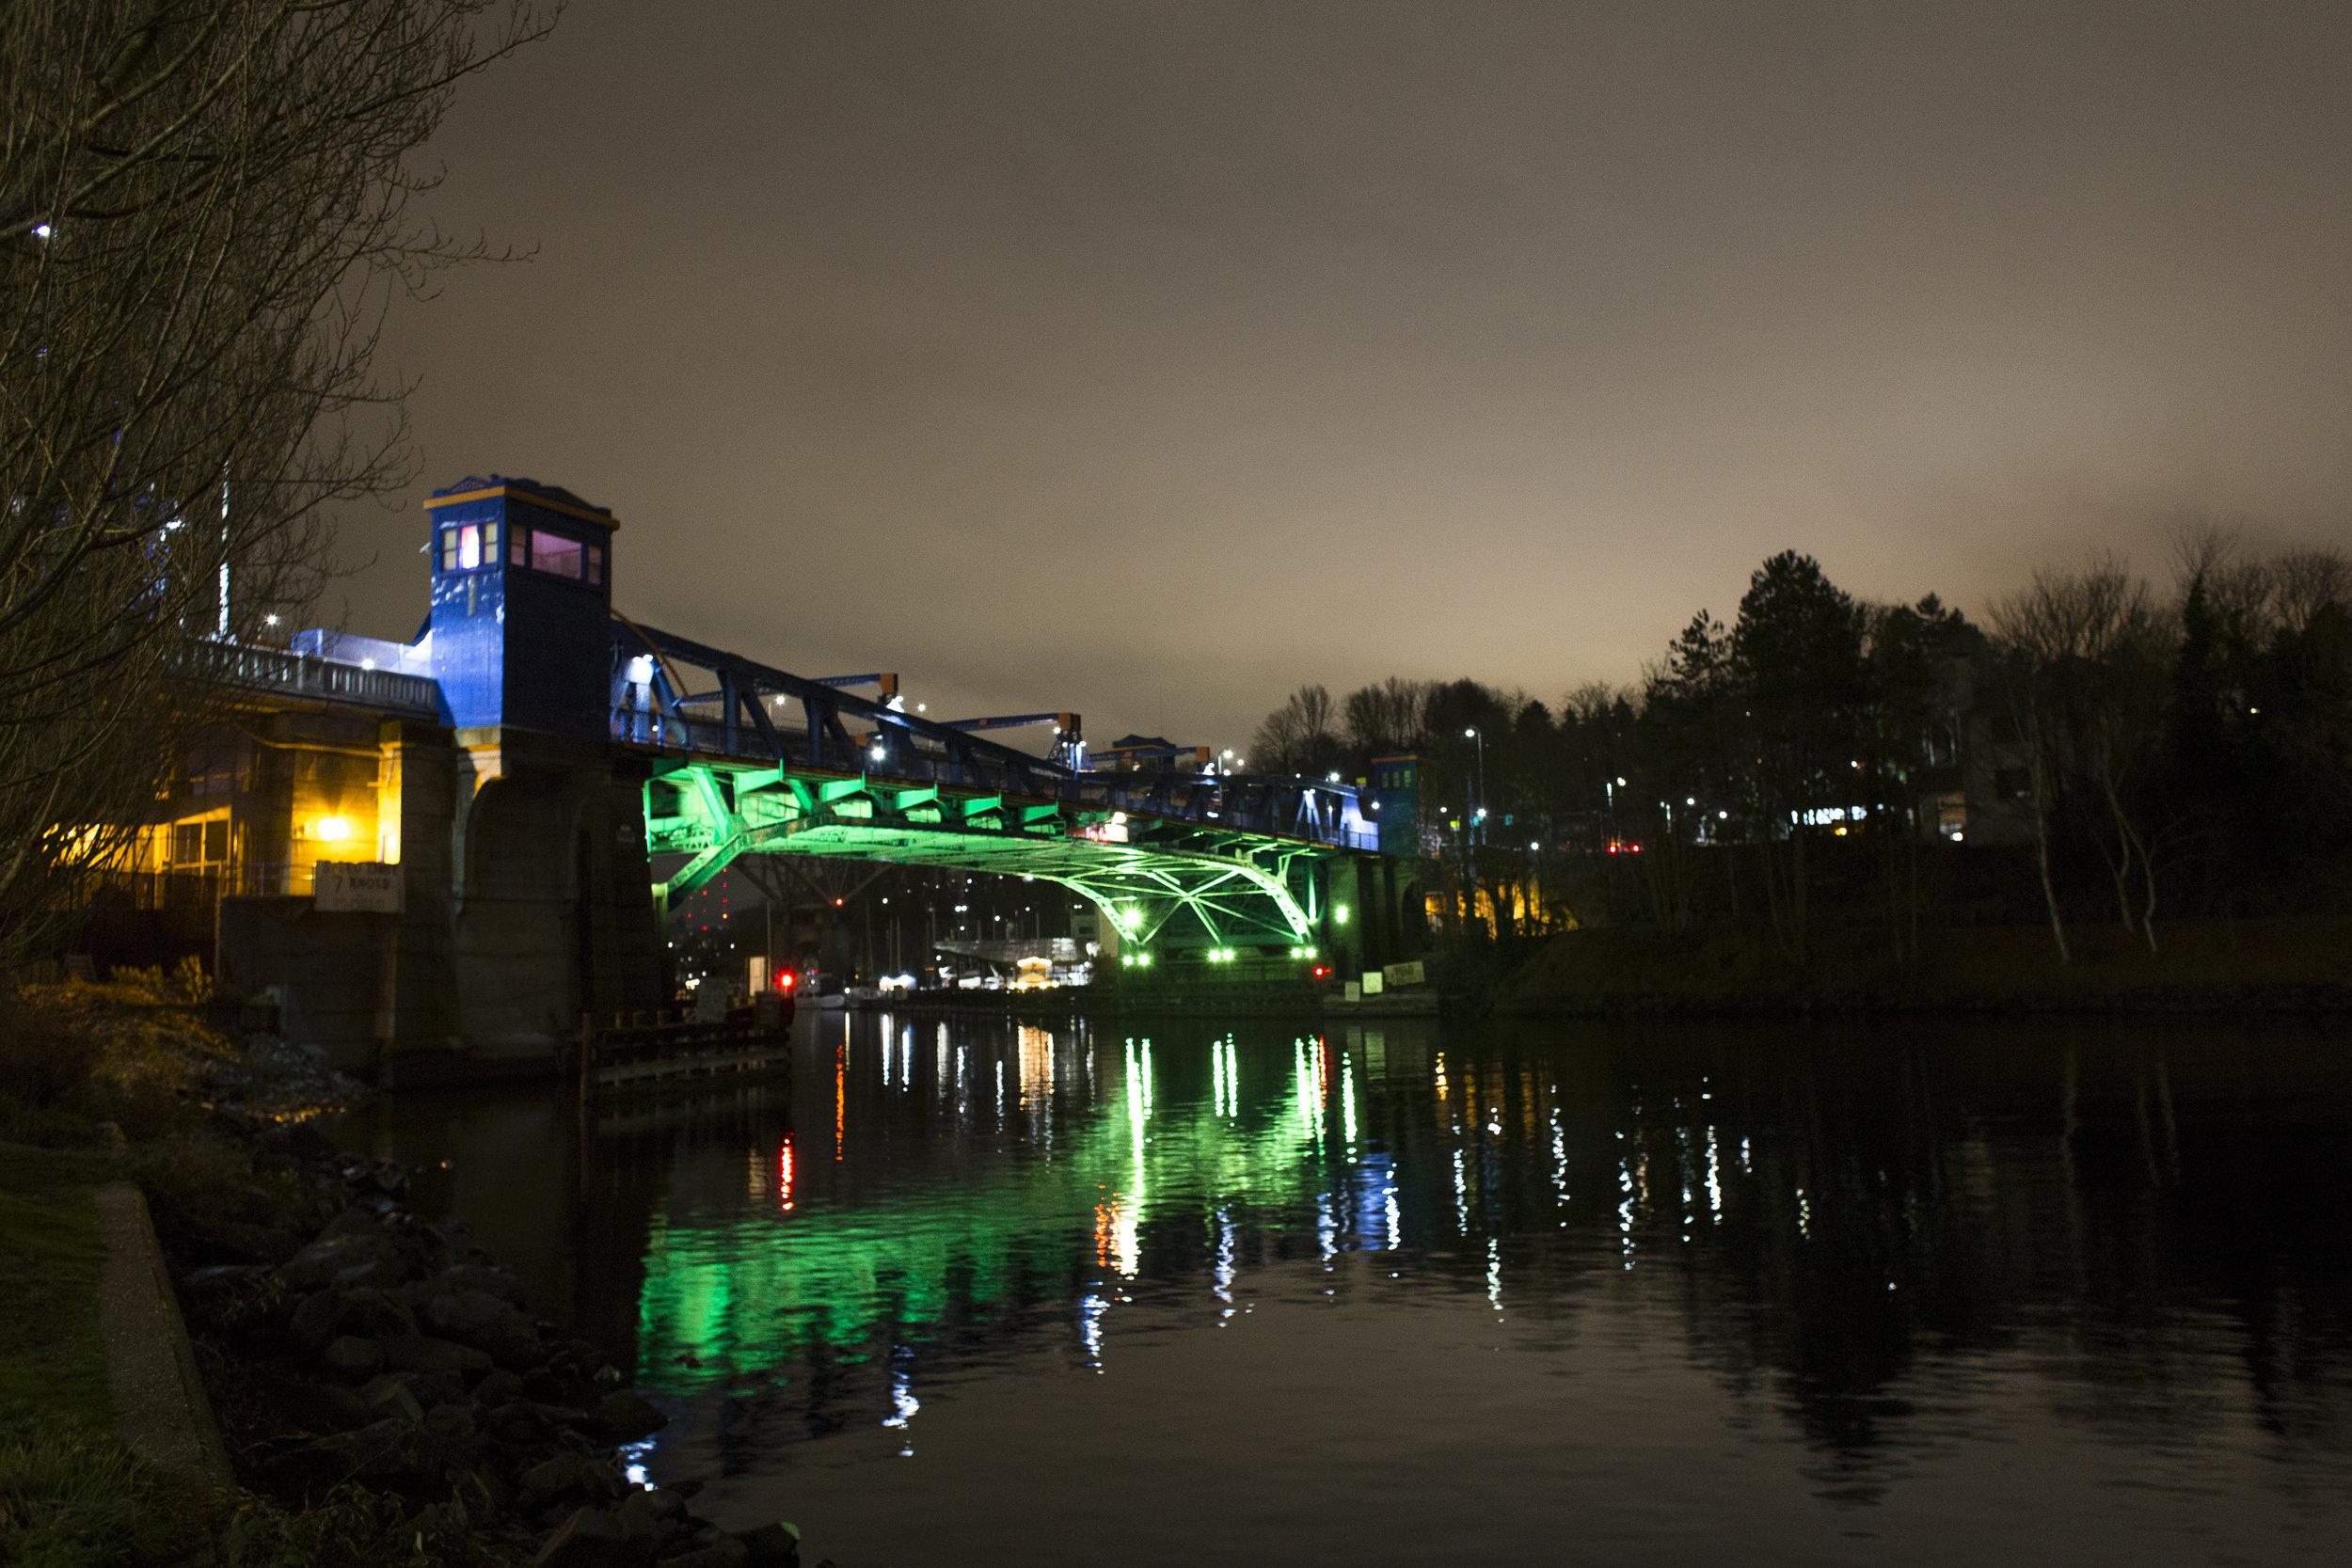 fremont-bridge-lighting_26281249648_o.jpg